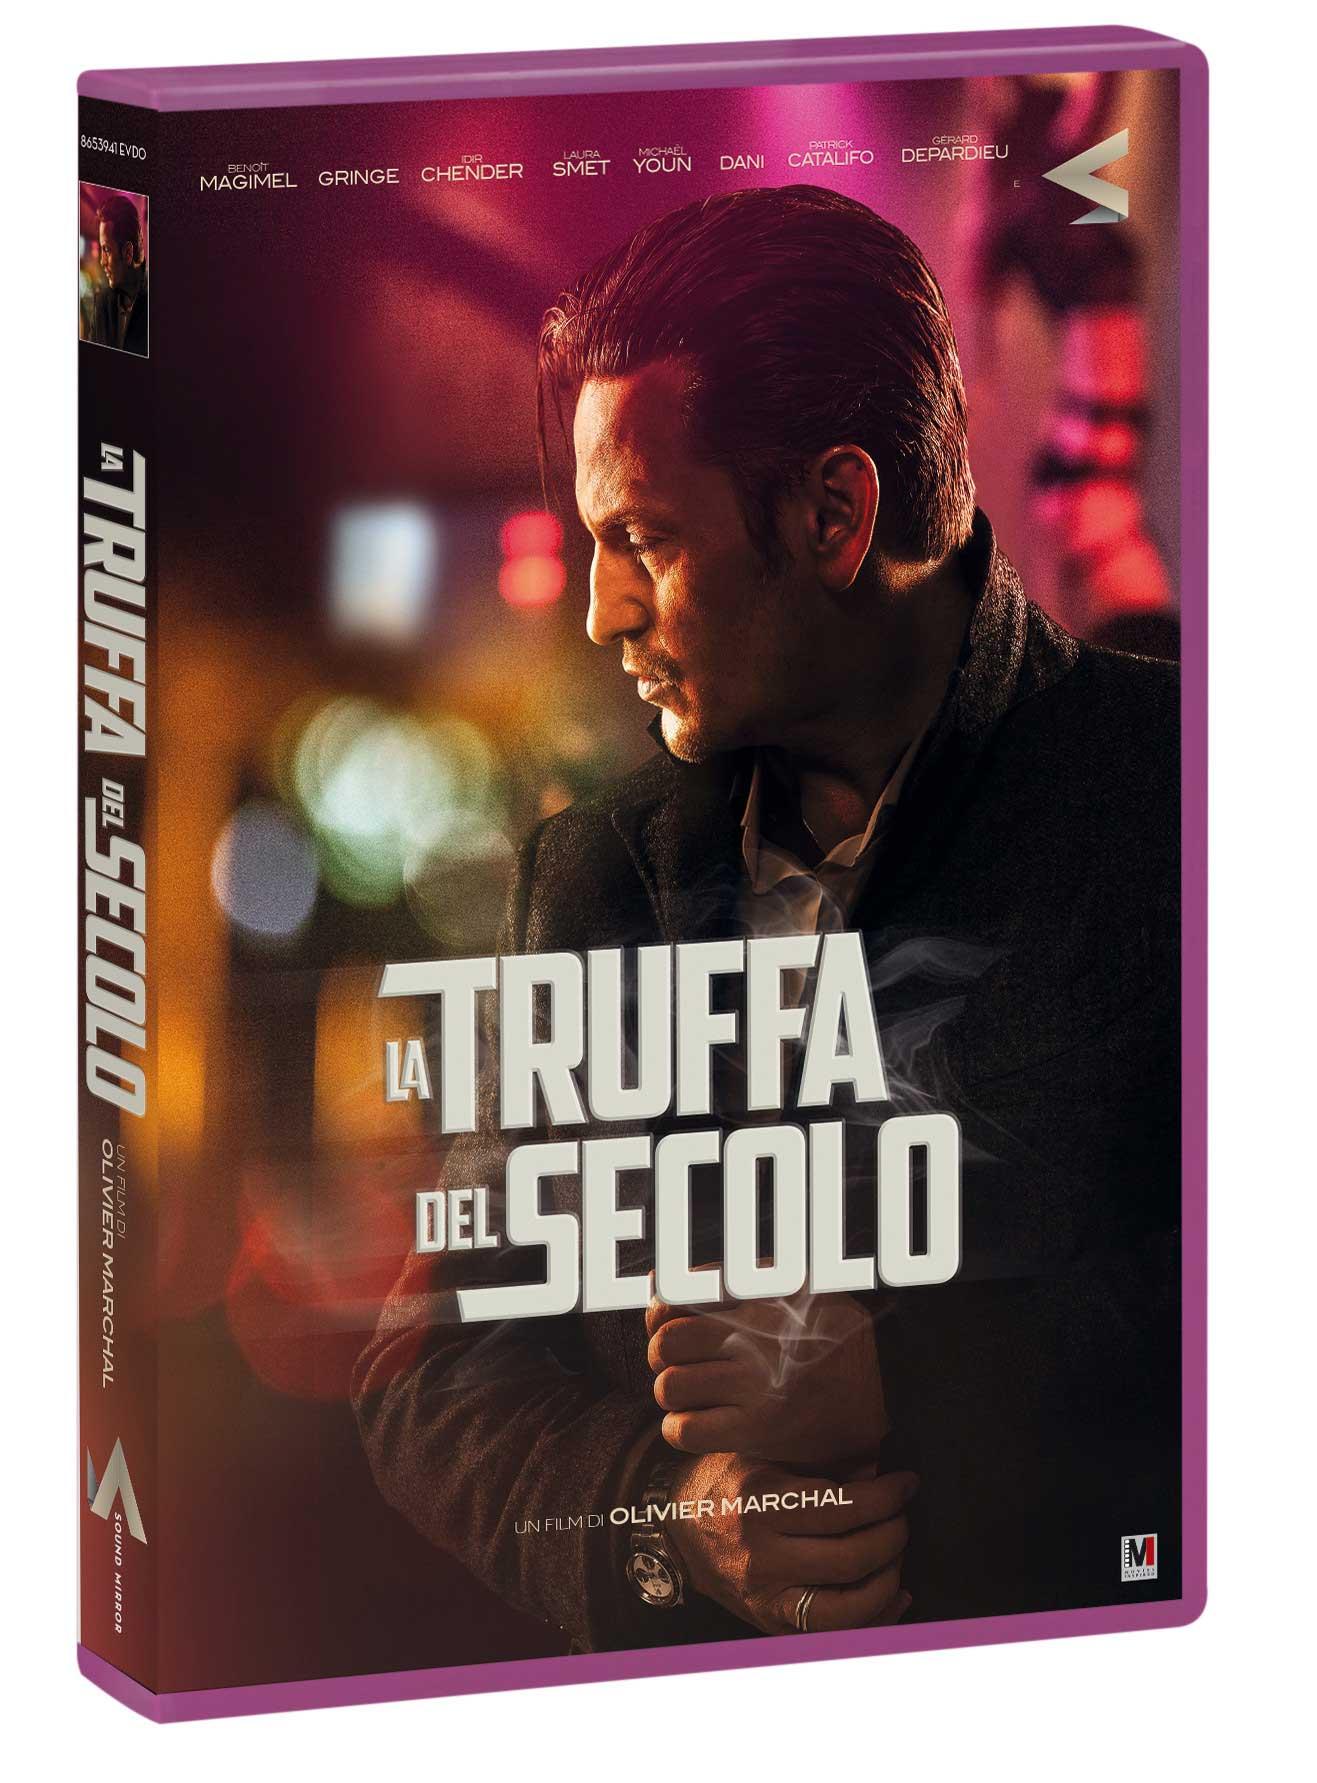 LA TRUFFA DEL SECOLO (DVD)